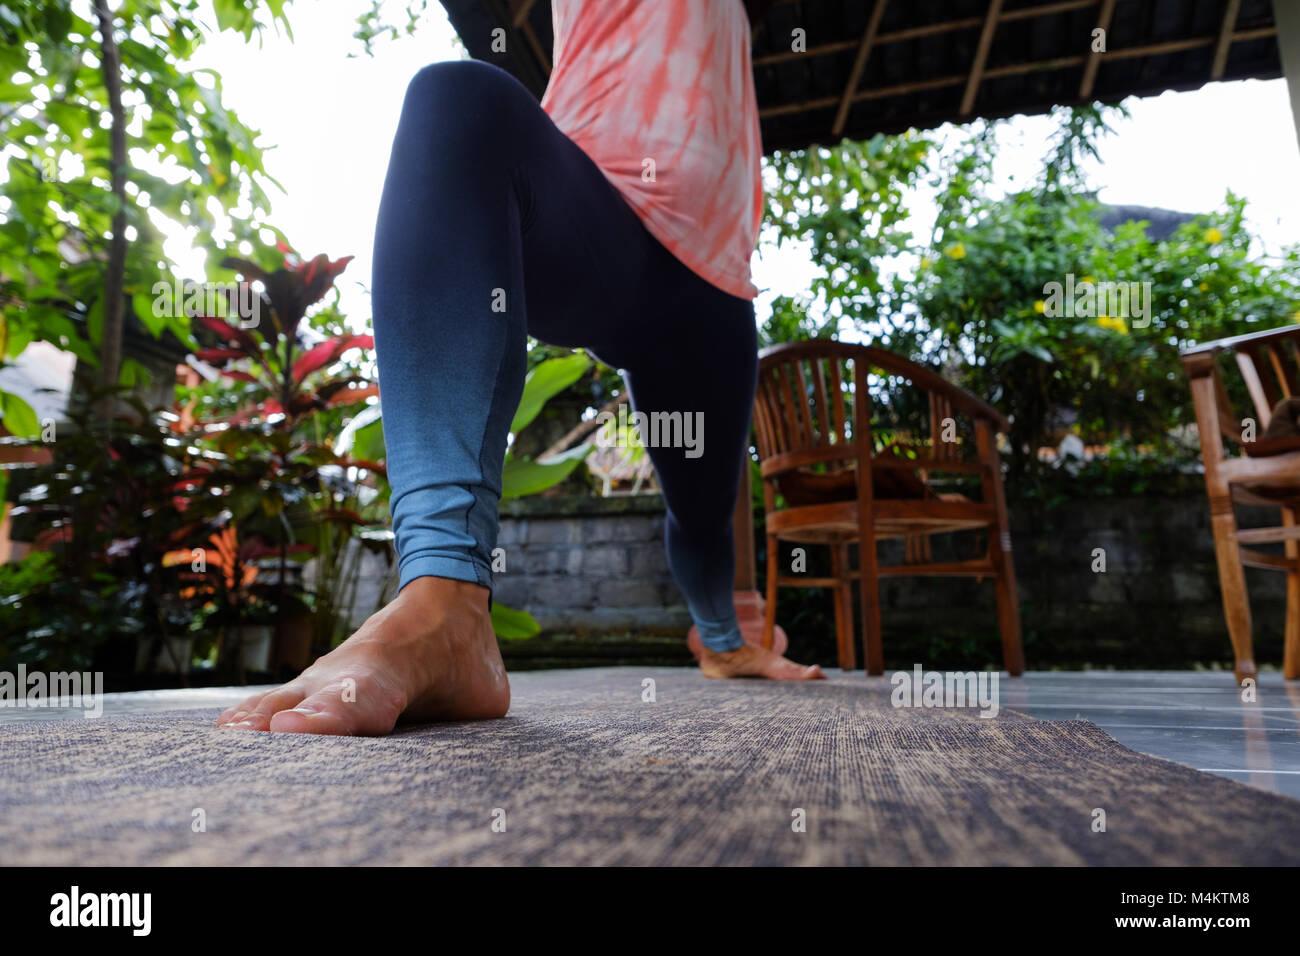 Mujer joven hacer yoga asana Guerrero Virabhadrasana plantean afuera en la terraza durante las vacaciones. Imagen De Stock